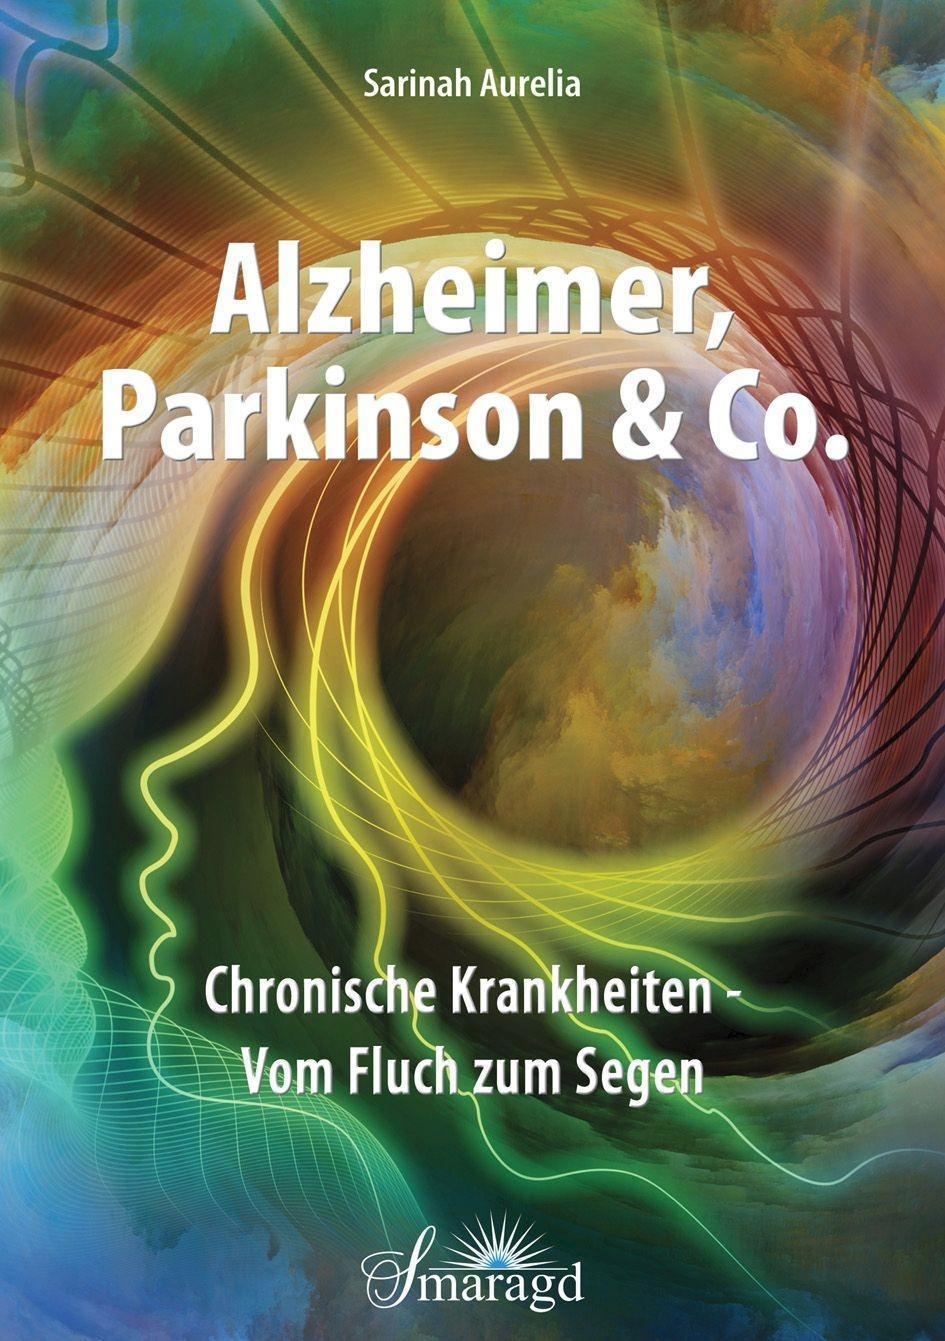 Alzheimer, Parkinson & Co